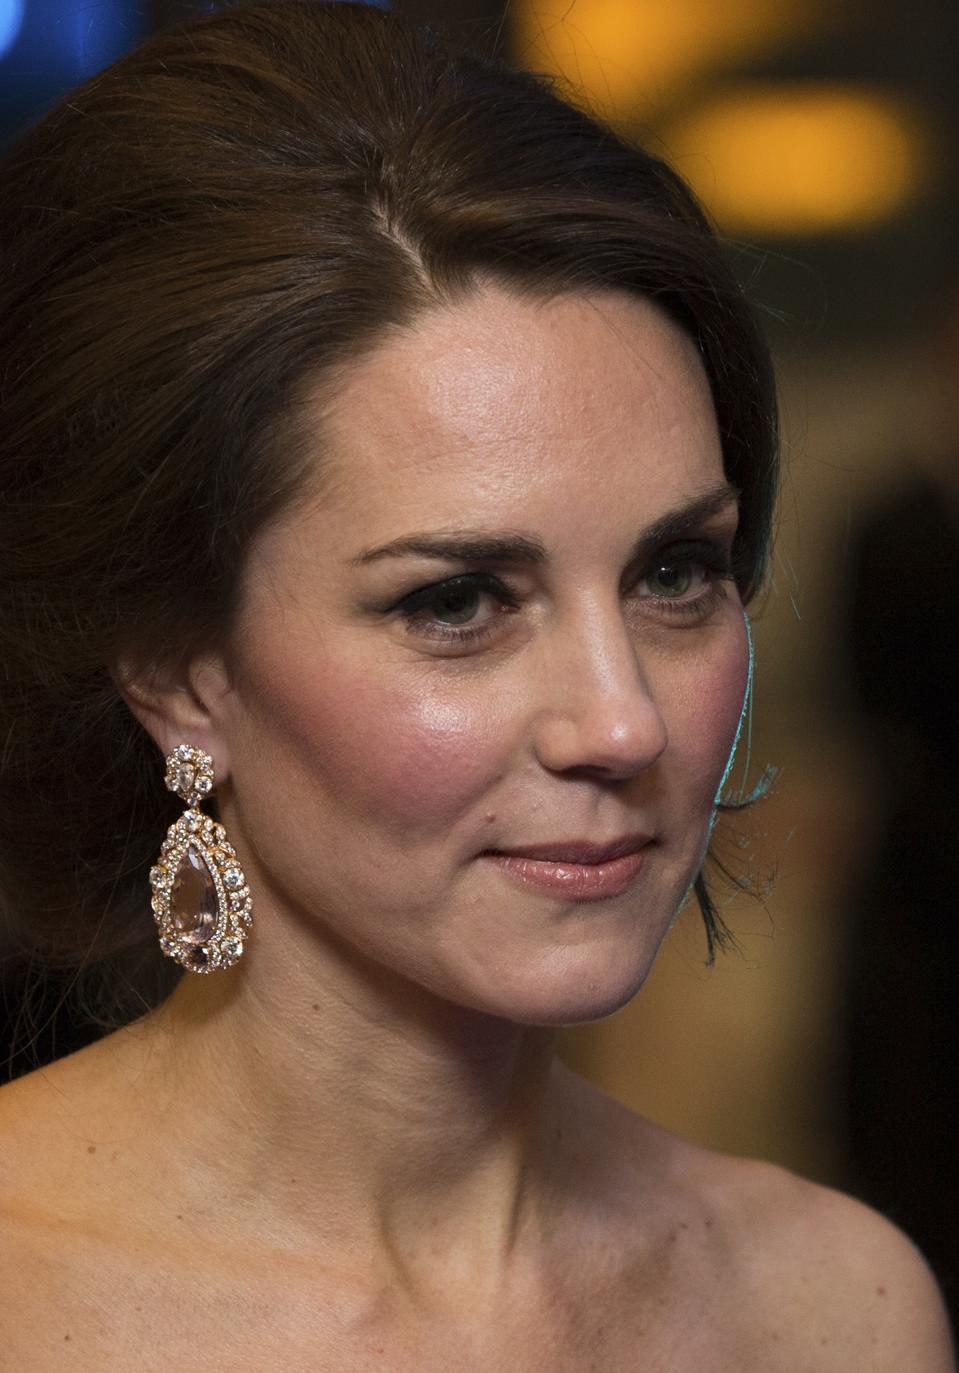 Bafta Jewels Kate Middleton S Mystery Earrings Nicole